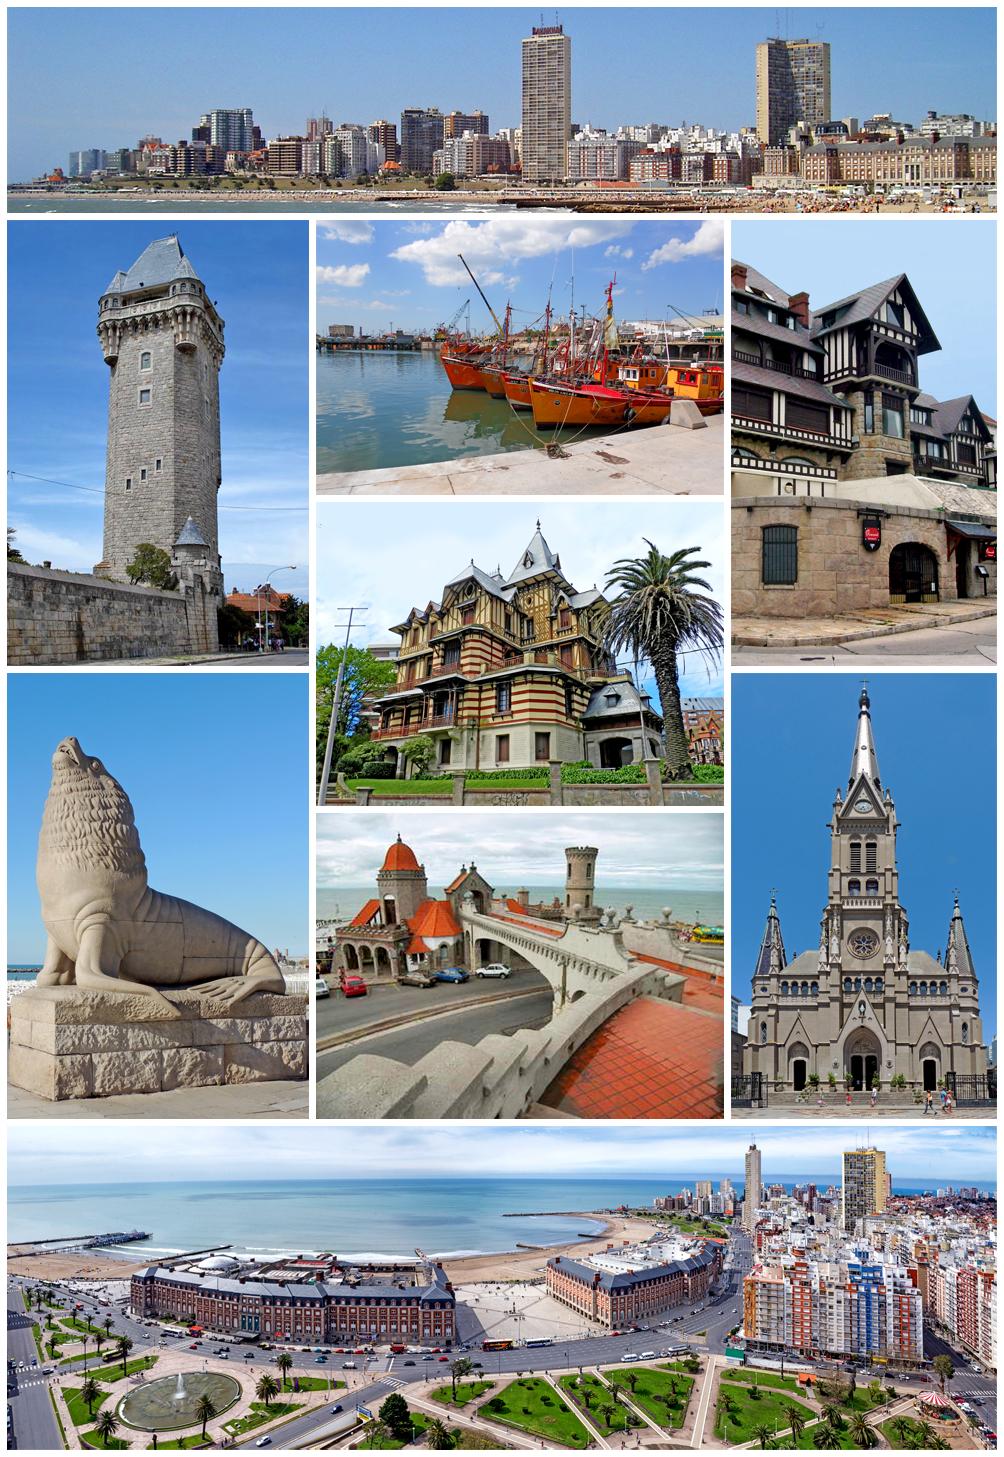 Mar del plata wikipedia la enciclopedia libre for Le marde hotel